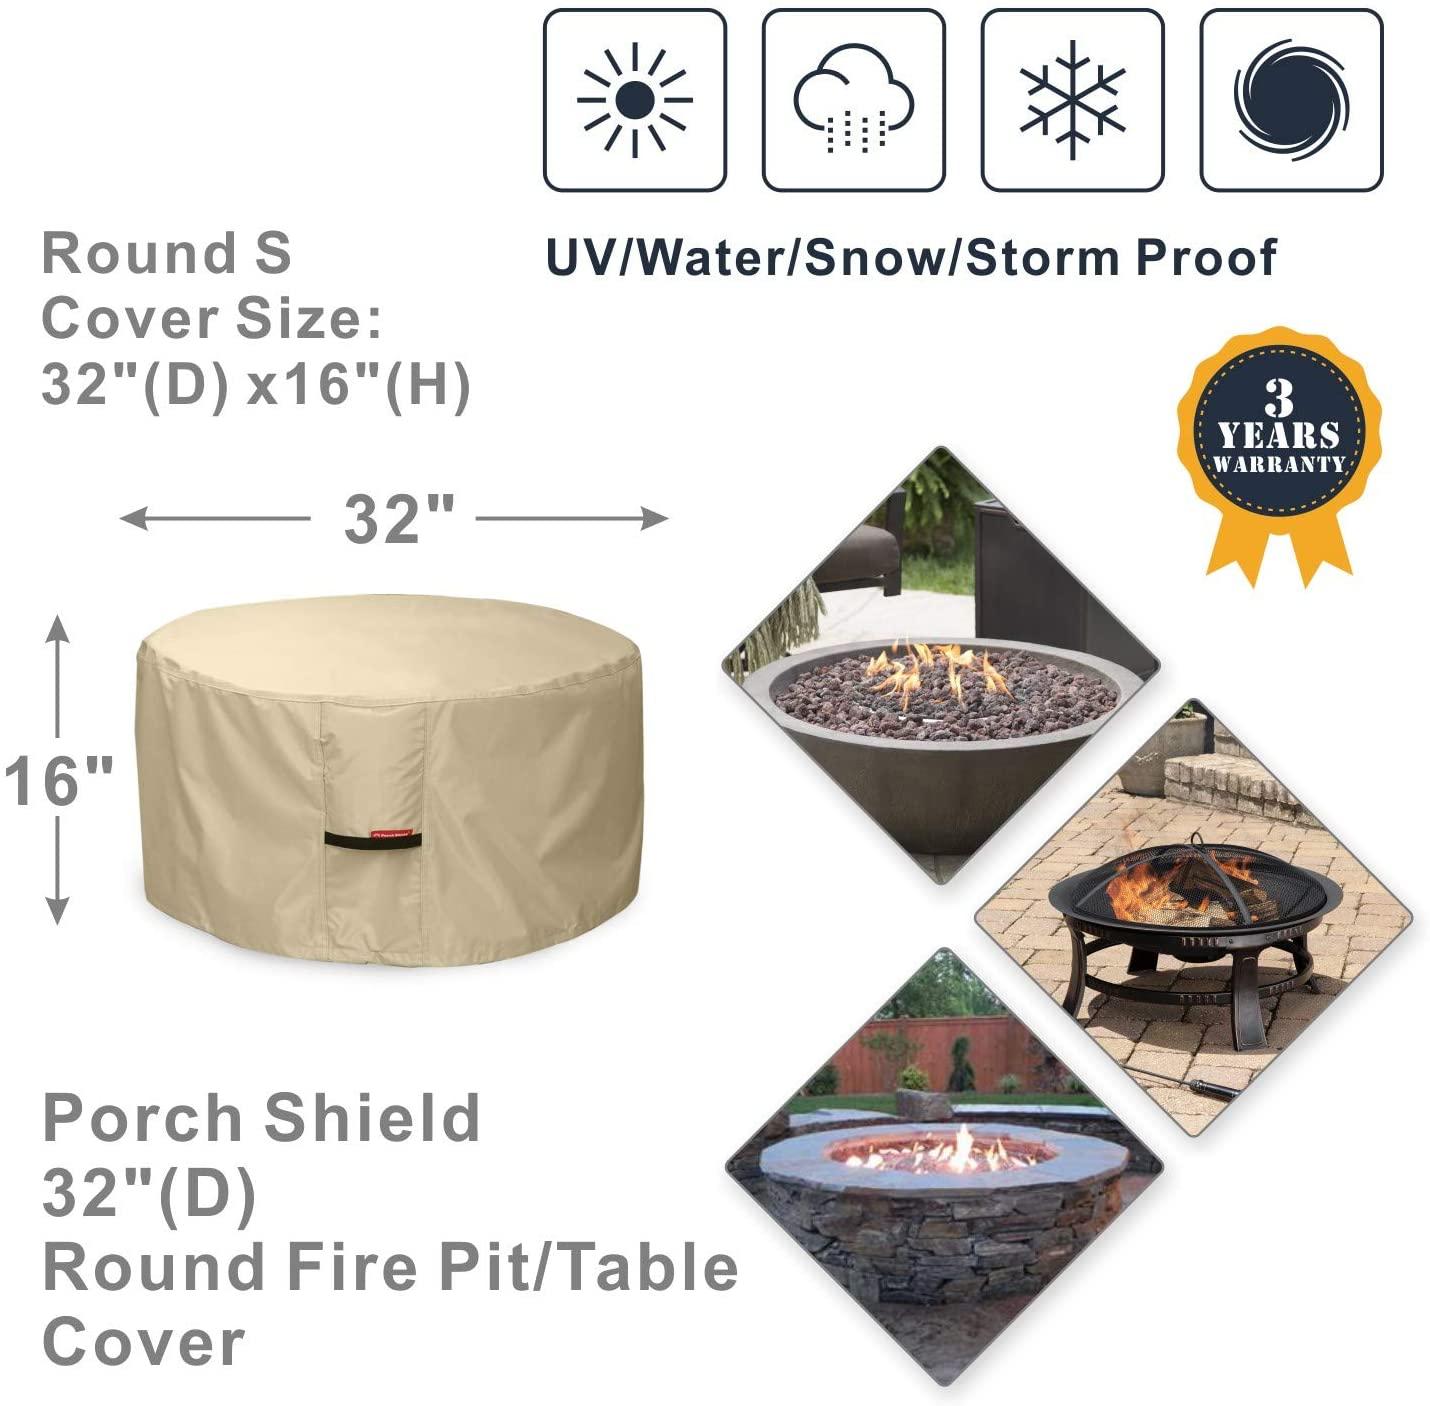 Porch Shield Fire Pit Cover - Waterproof 600D Heavy Duty ...